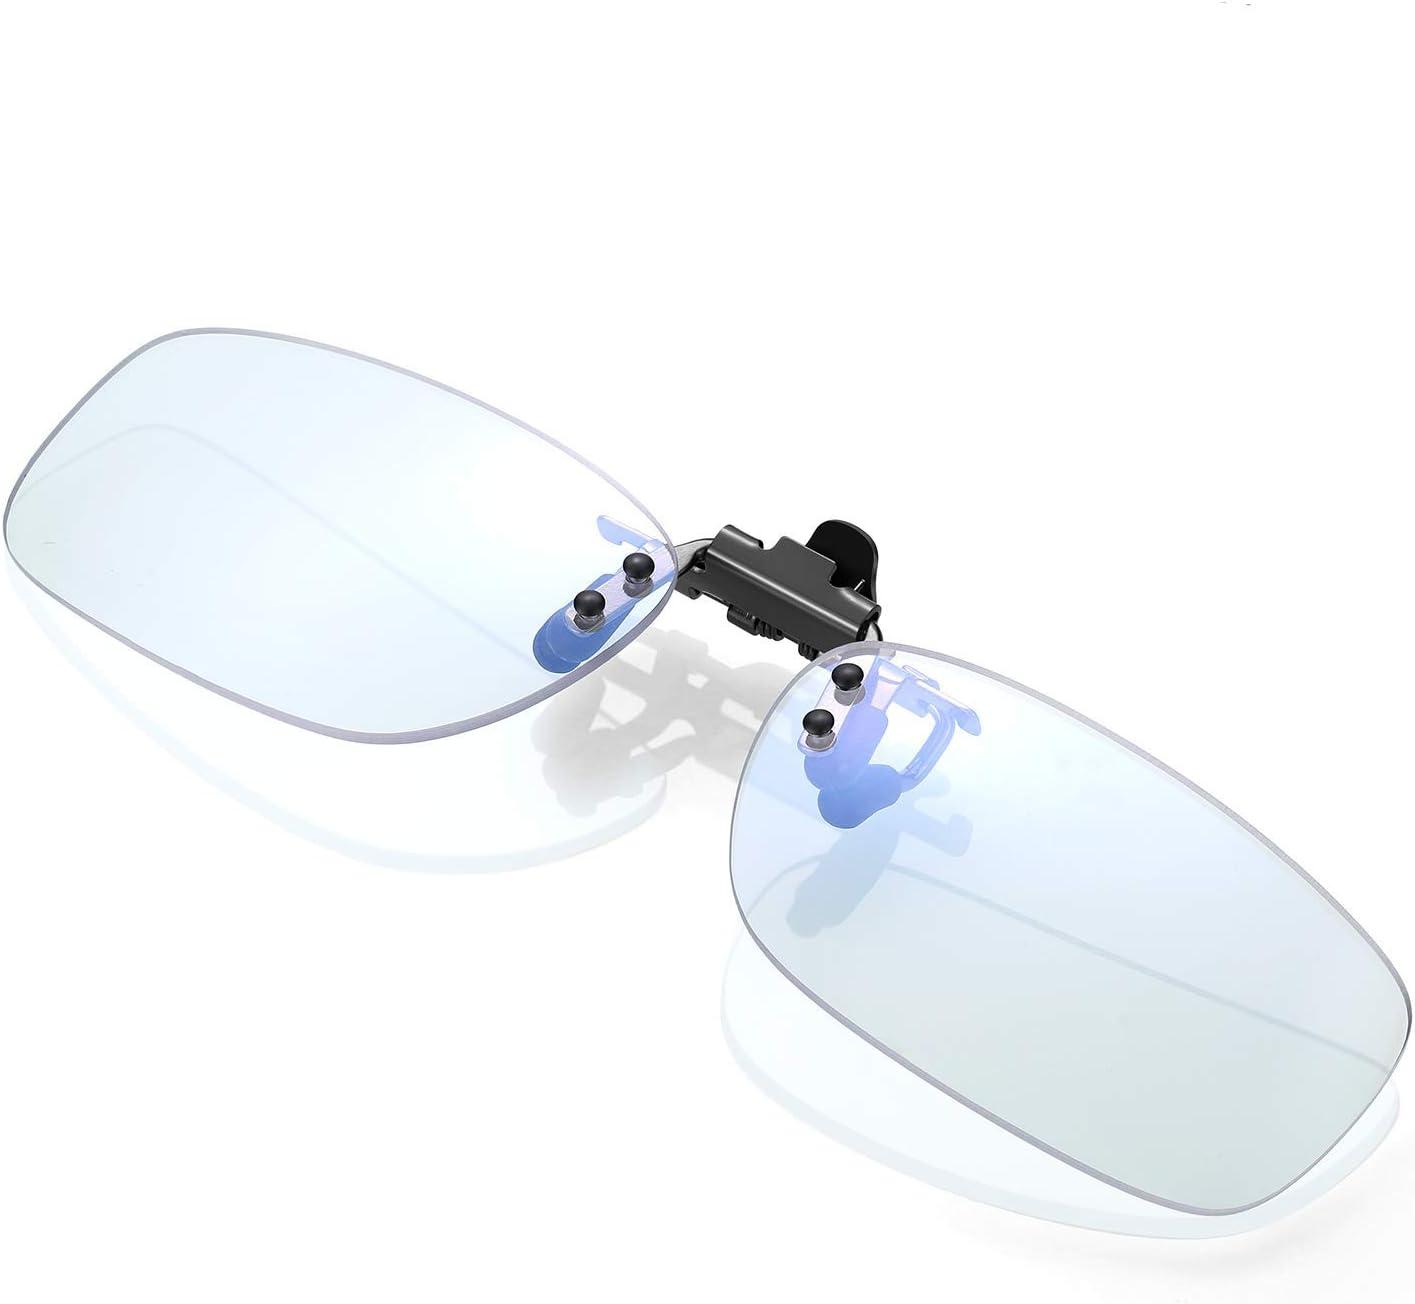 ⭐️KLIM Protect OTG - Gafas de clip para bloquear la luz azul - Alta protección frente a la pantalla - Gafas Gaming para PC, móvil, TV - Anti fatiga, Anti luz azul - NUEVAS 2020